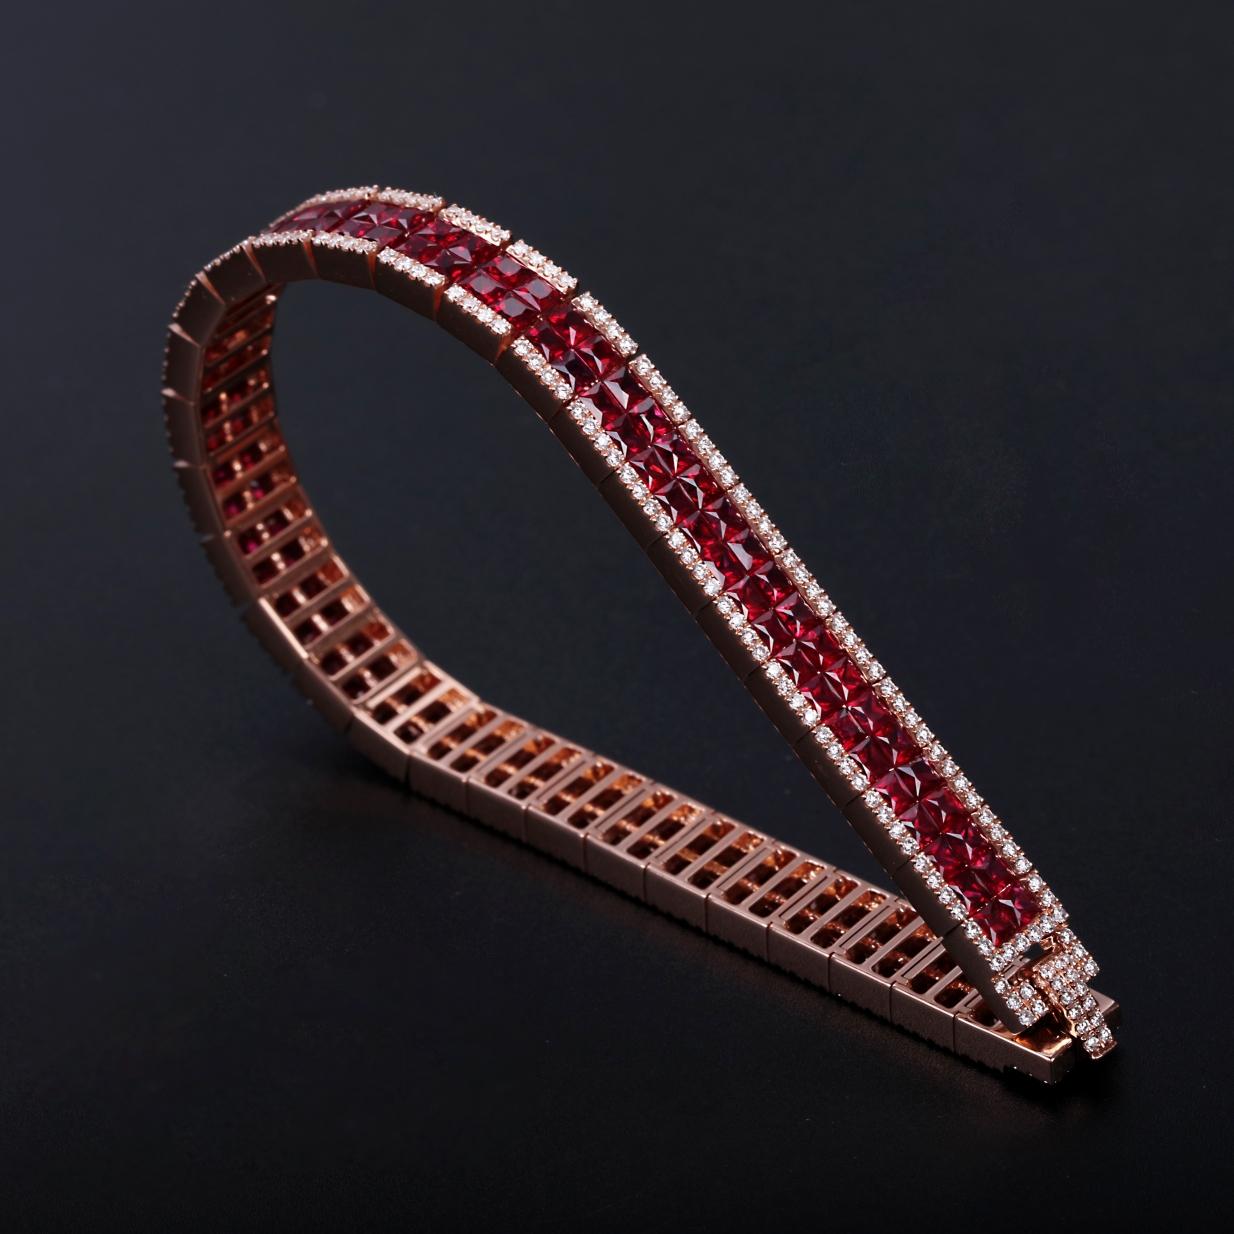 【奢华手链】18k金+红宝石+钻石  奢华款手链 宝石颜色纯正 货重:22.92g   金重:20.